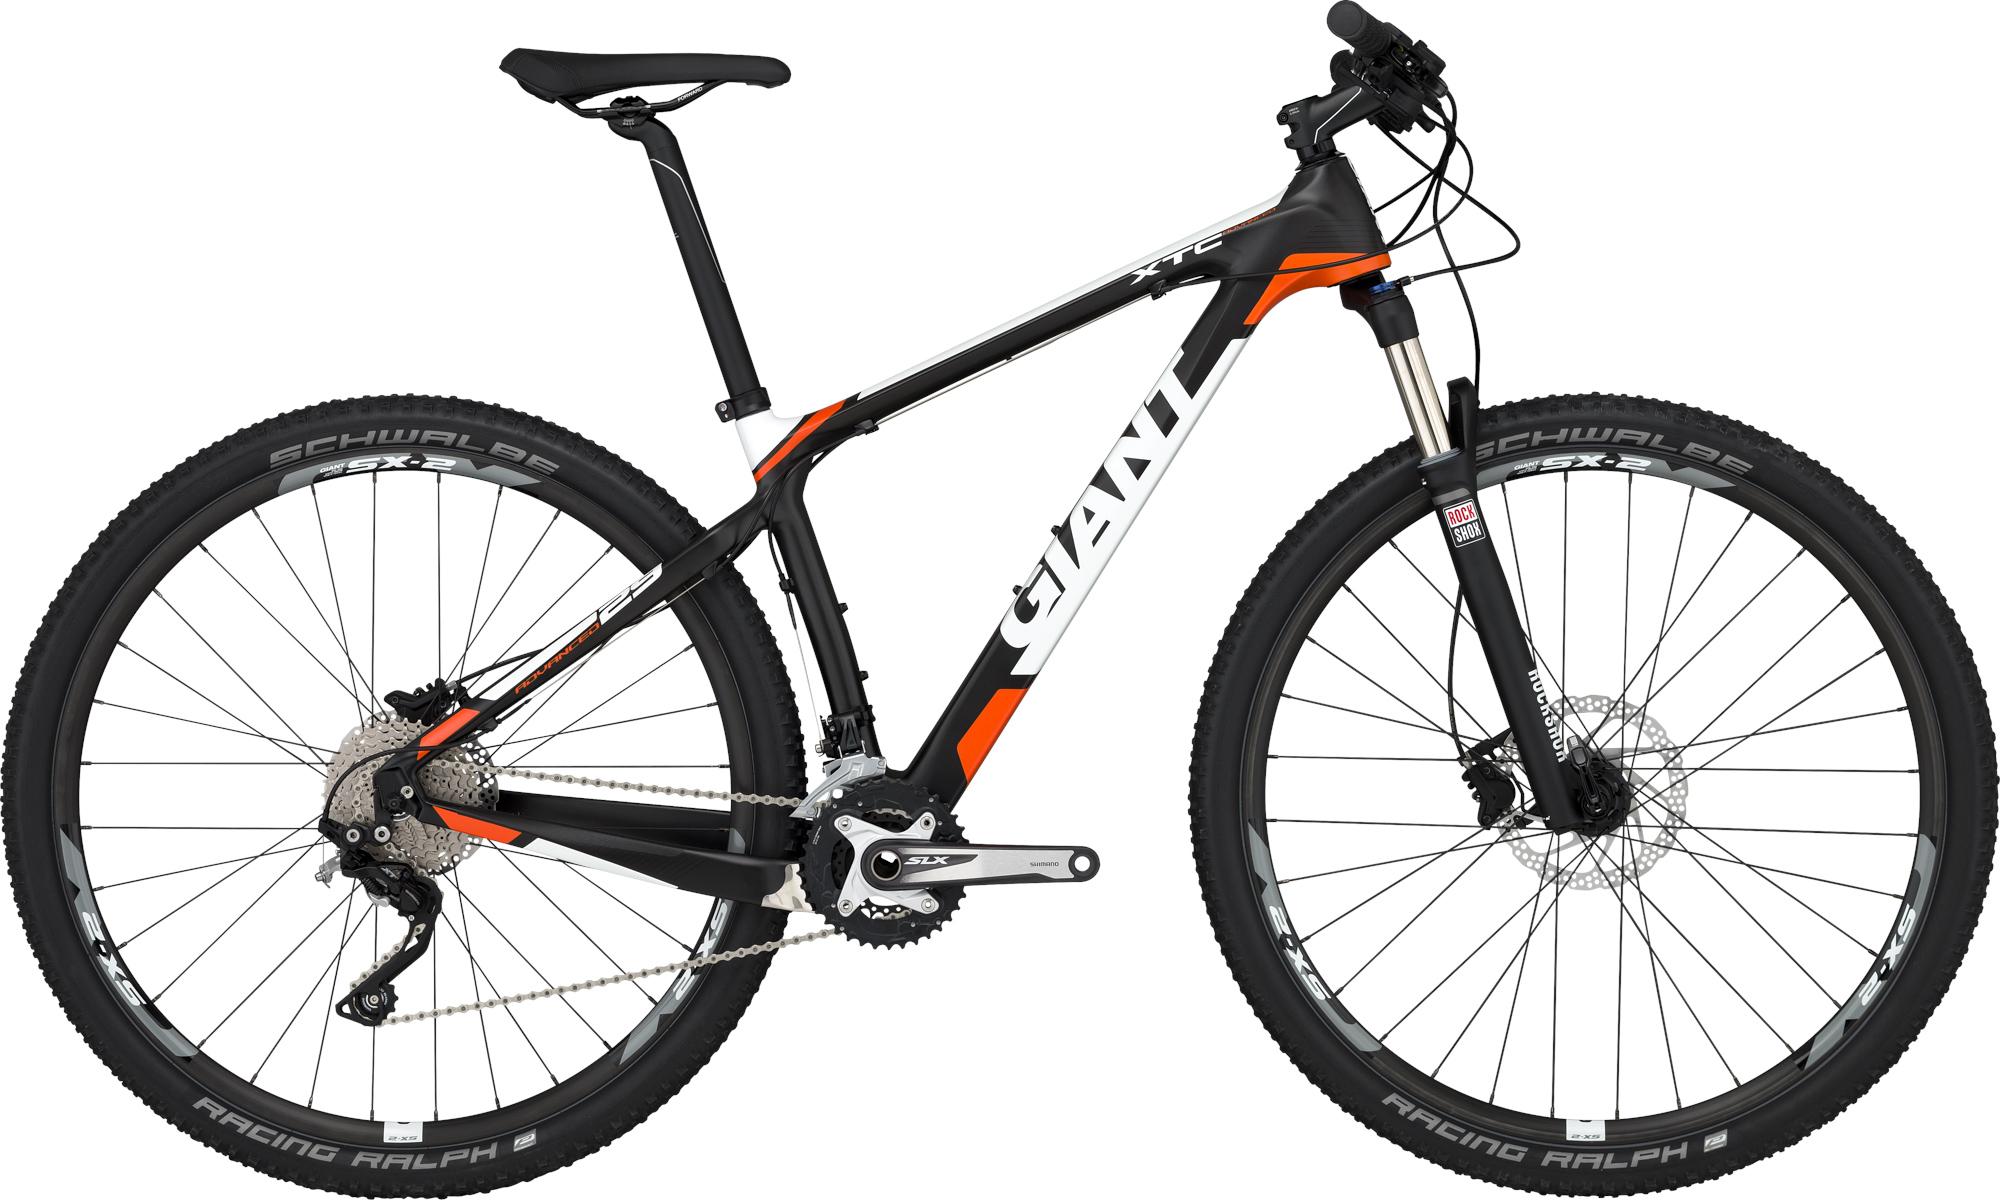 giant sykkel pris